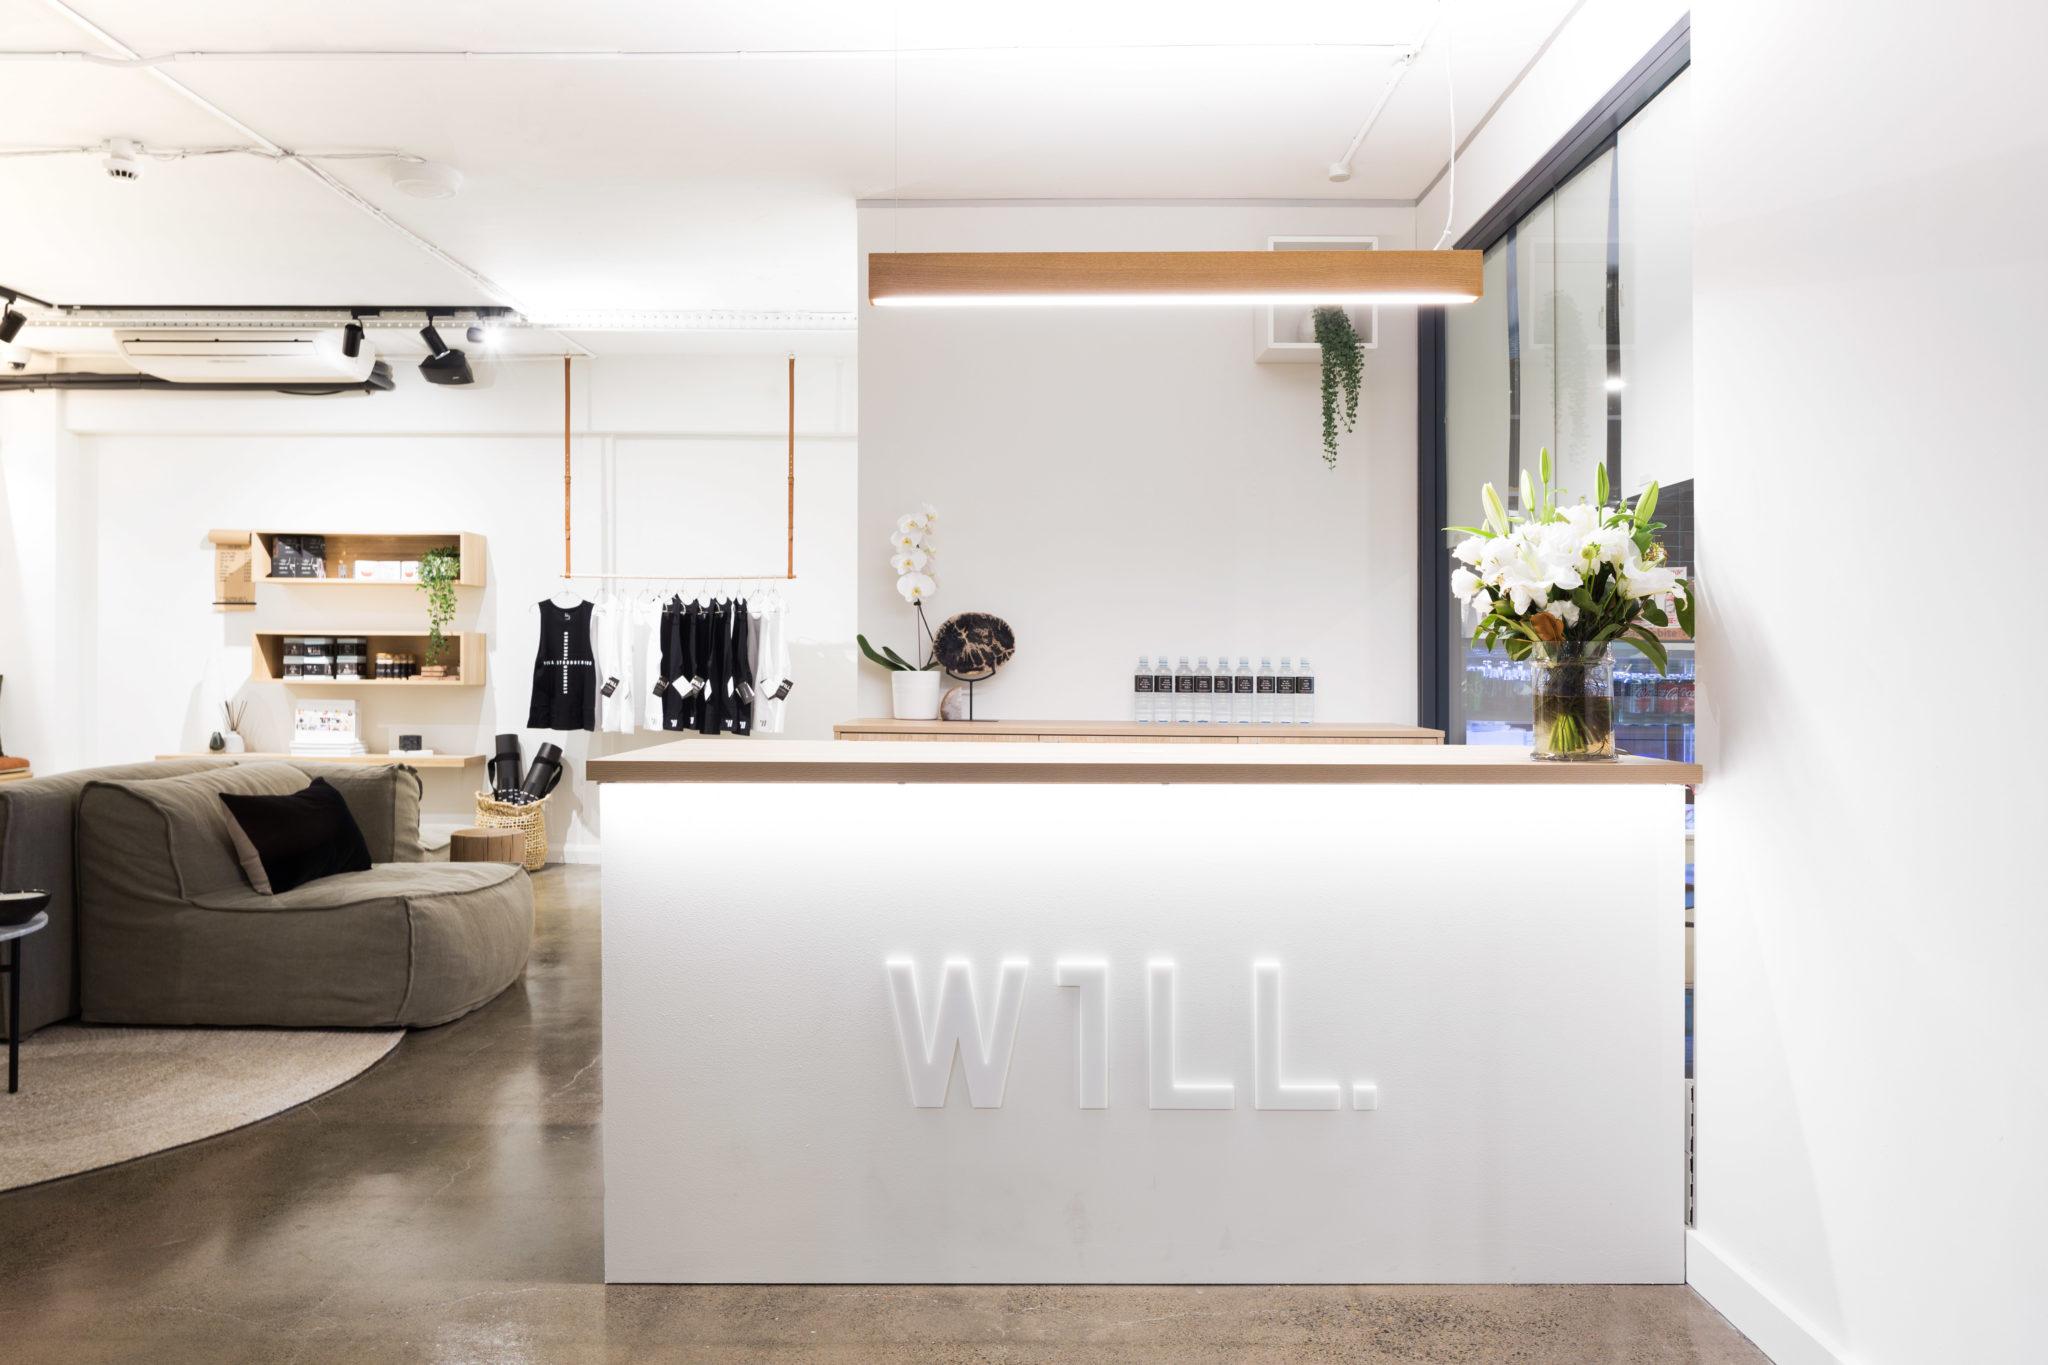 W1LL Studio #2